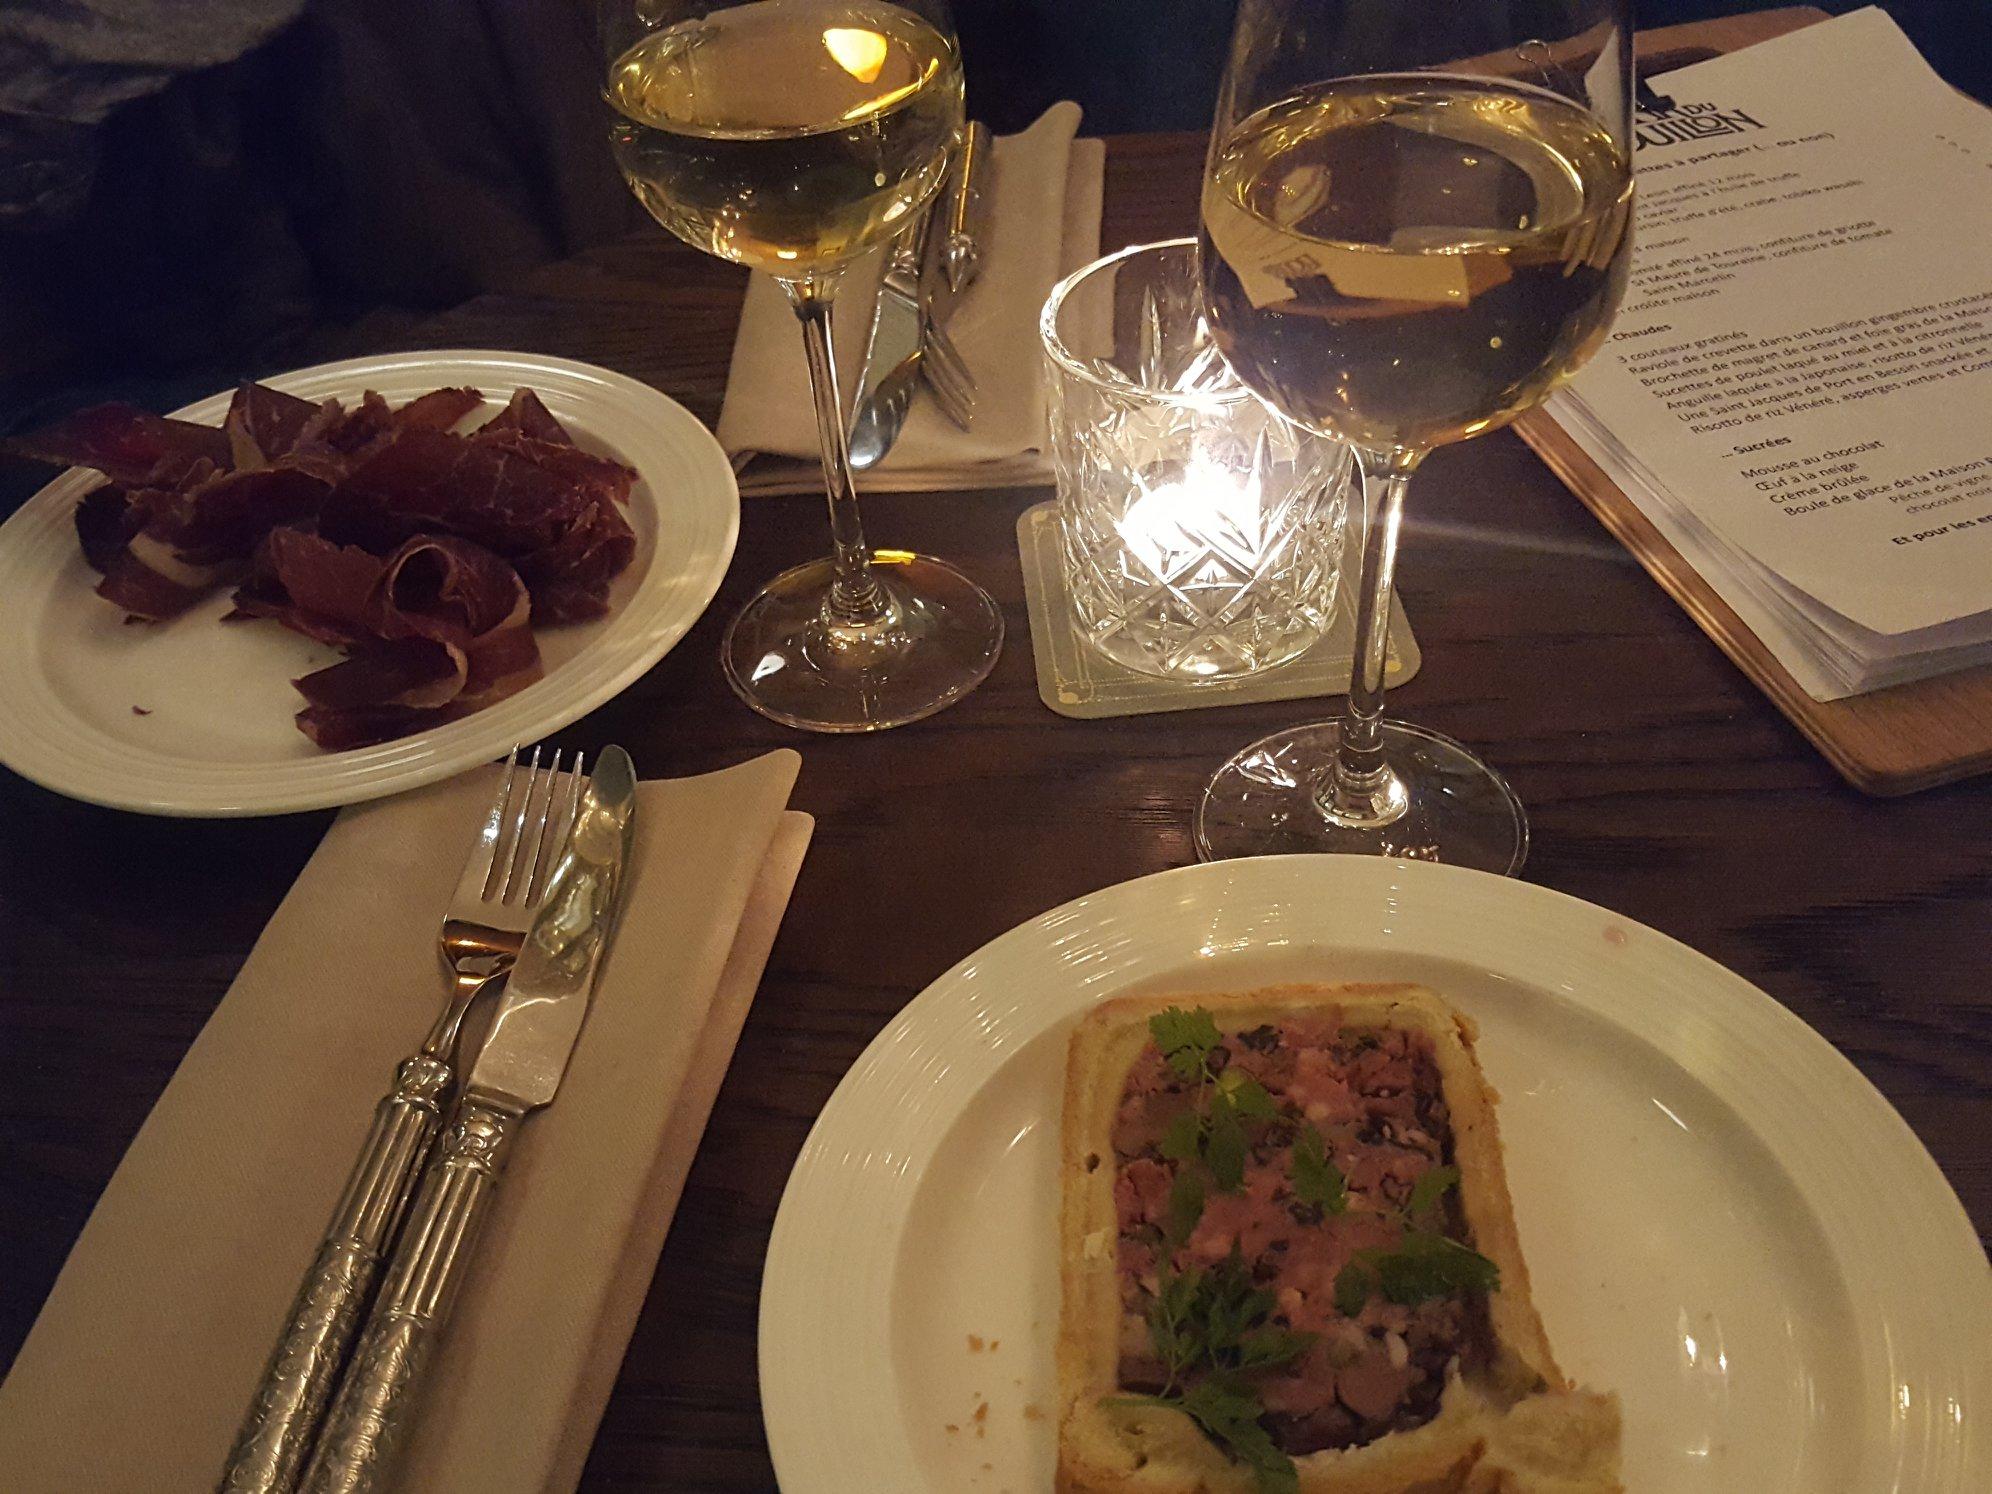 Pâté en croute et jambon de pays - Le Bar du Bouillon, Paris